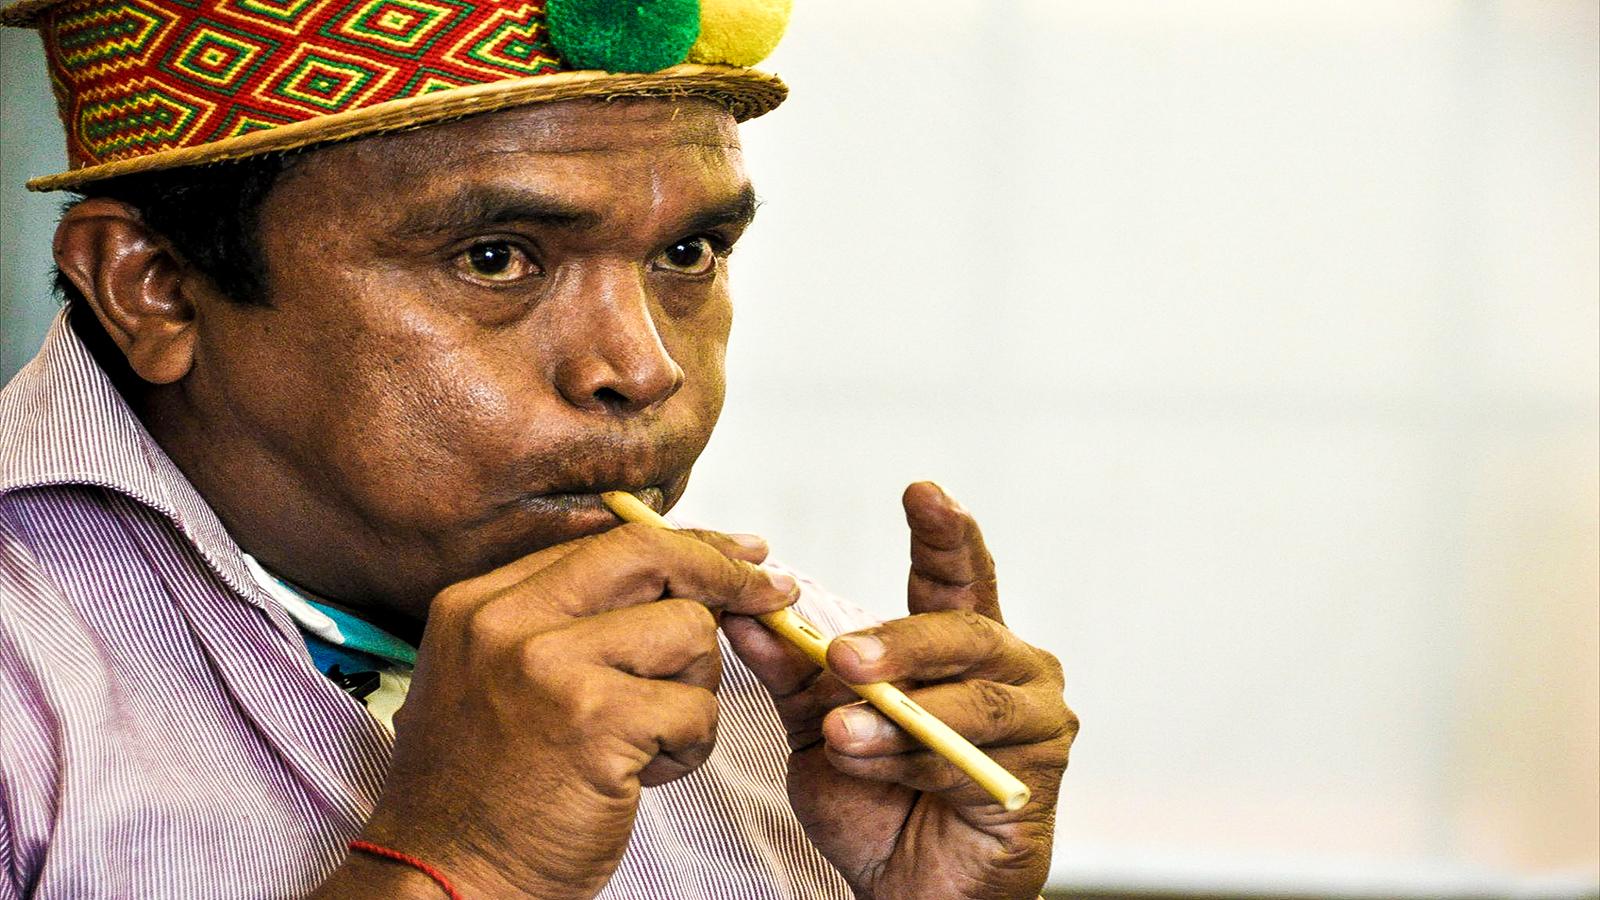 El profesor que mantiene viva la música wayuu